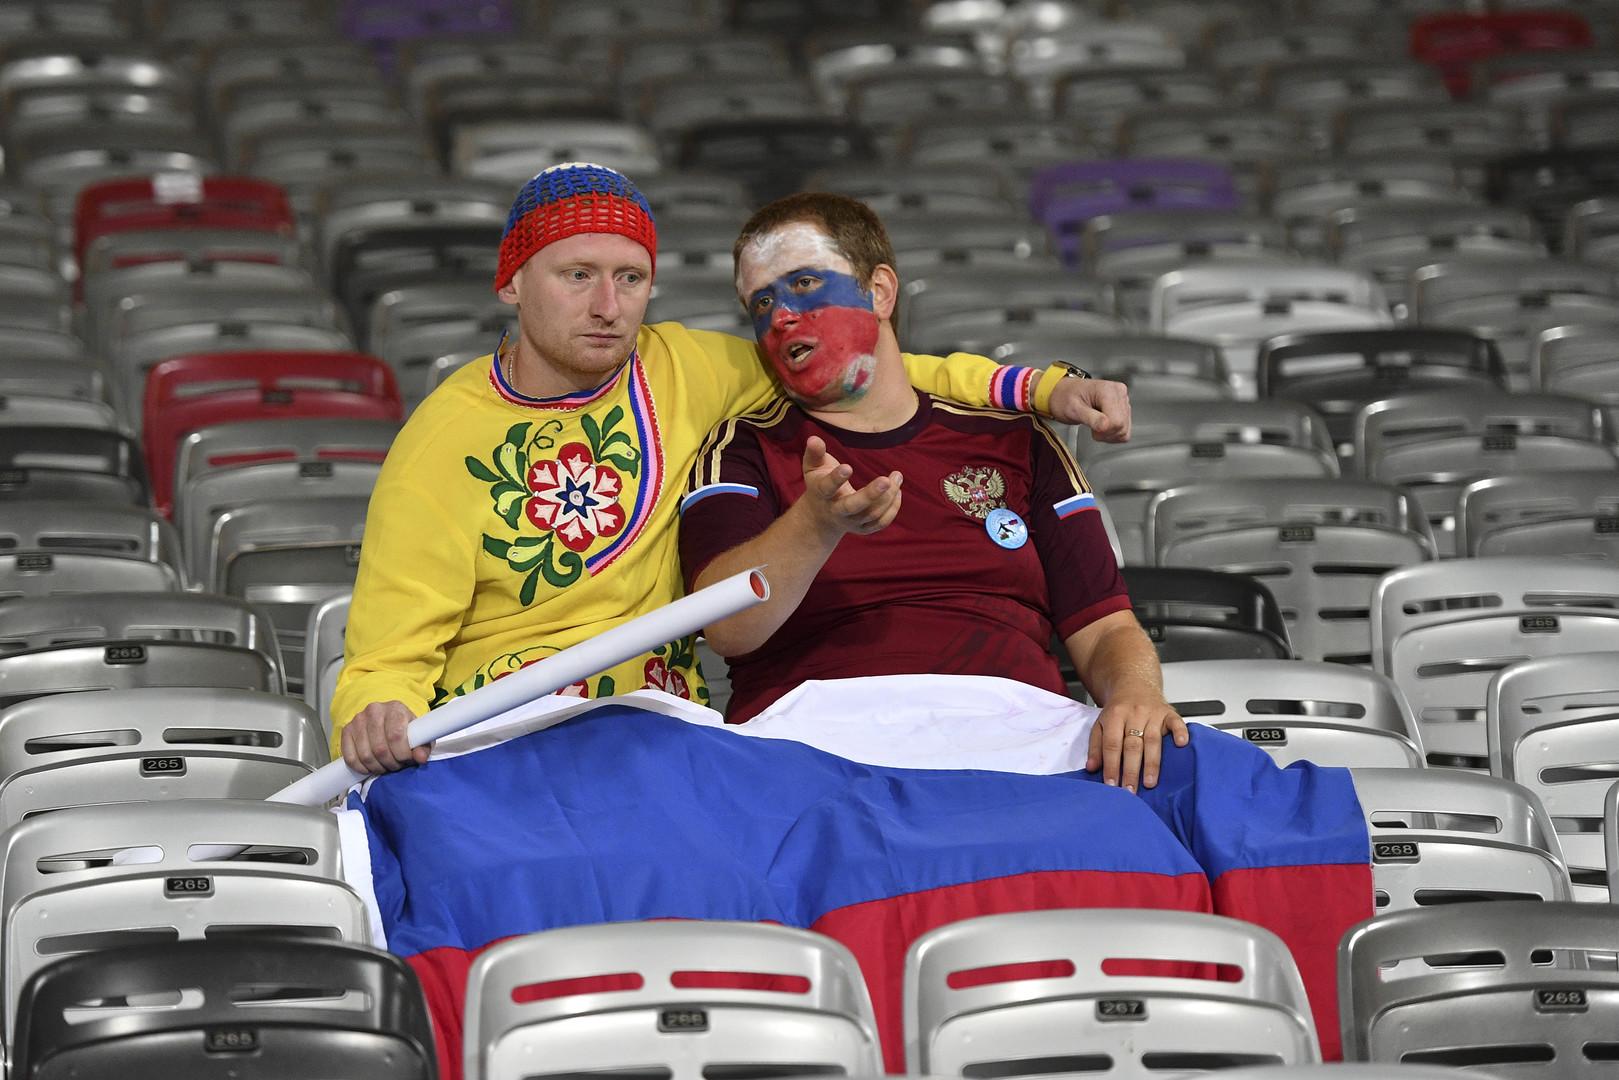 Российские болельщики после матча группового этапа чемпионата Европы по футболу - 2016 между сборными командами России и Уэльса.